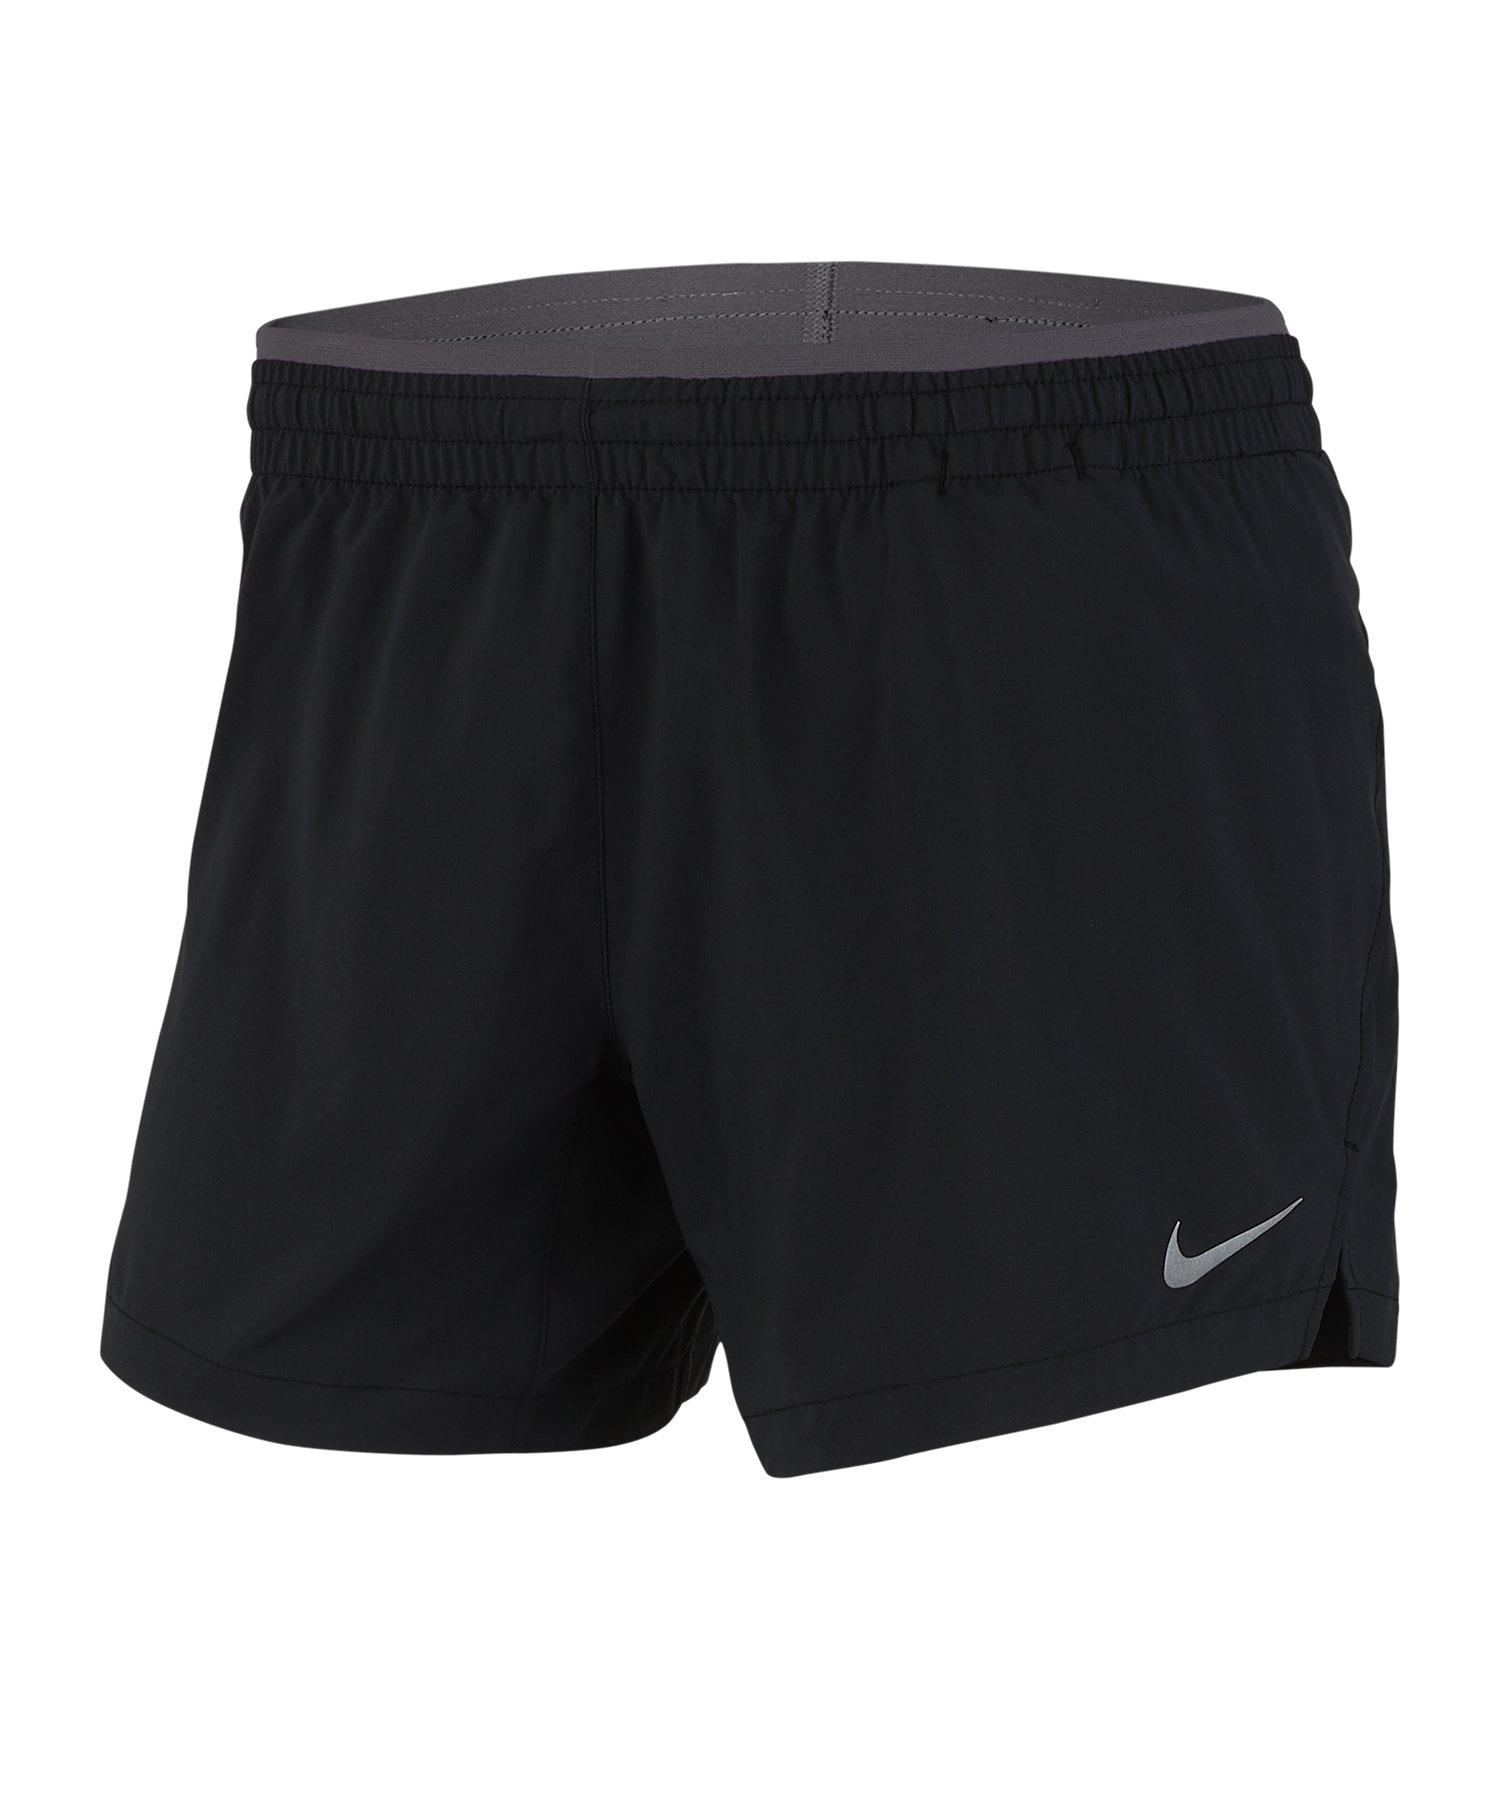 Nike Elevate 5